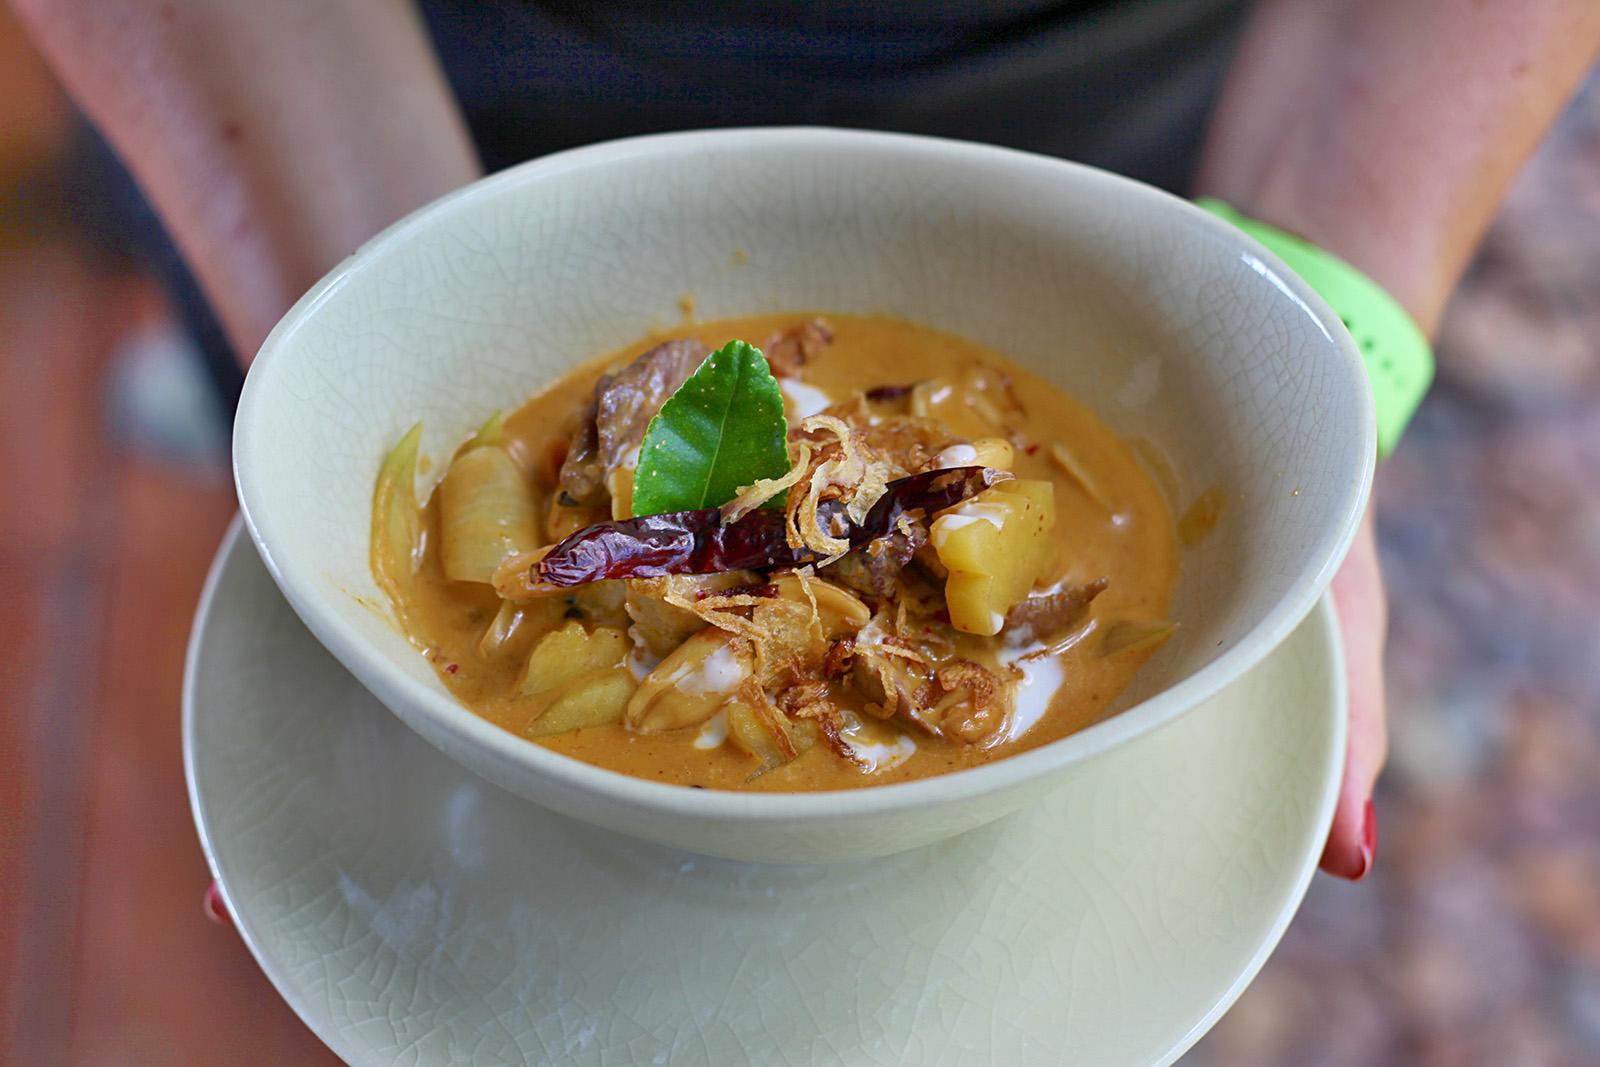 Massaman kari zdobíme osmaženou chilli papričkou, limetovým listem a pečenou cibulkou